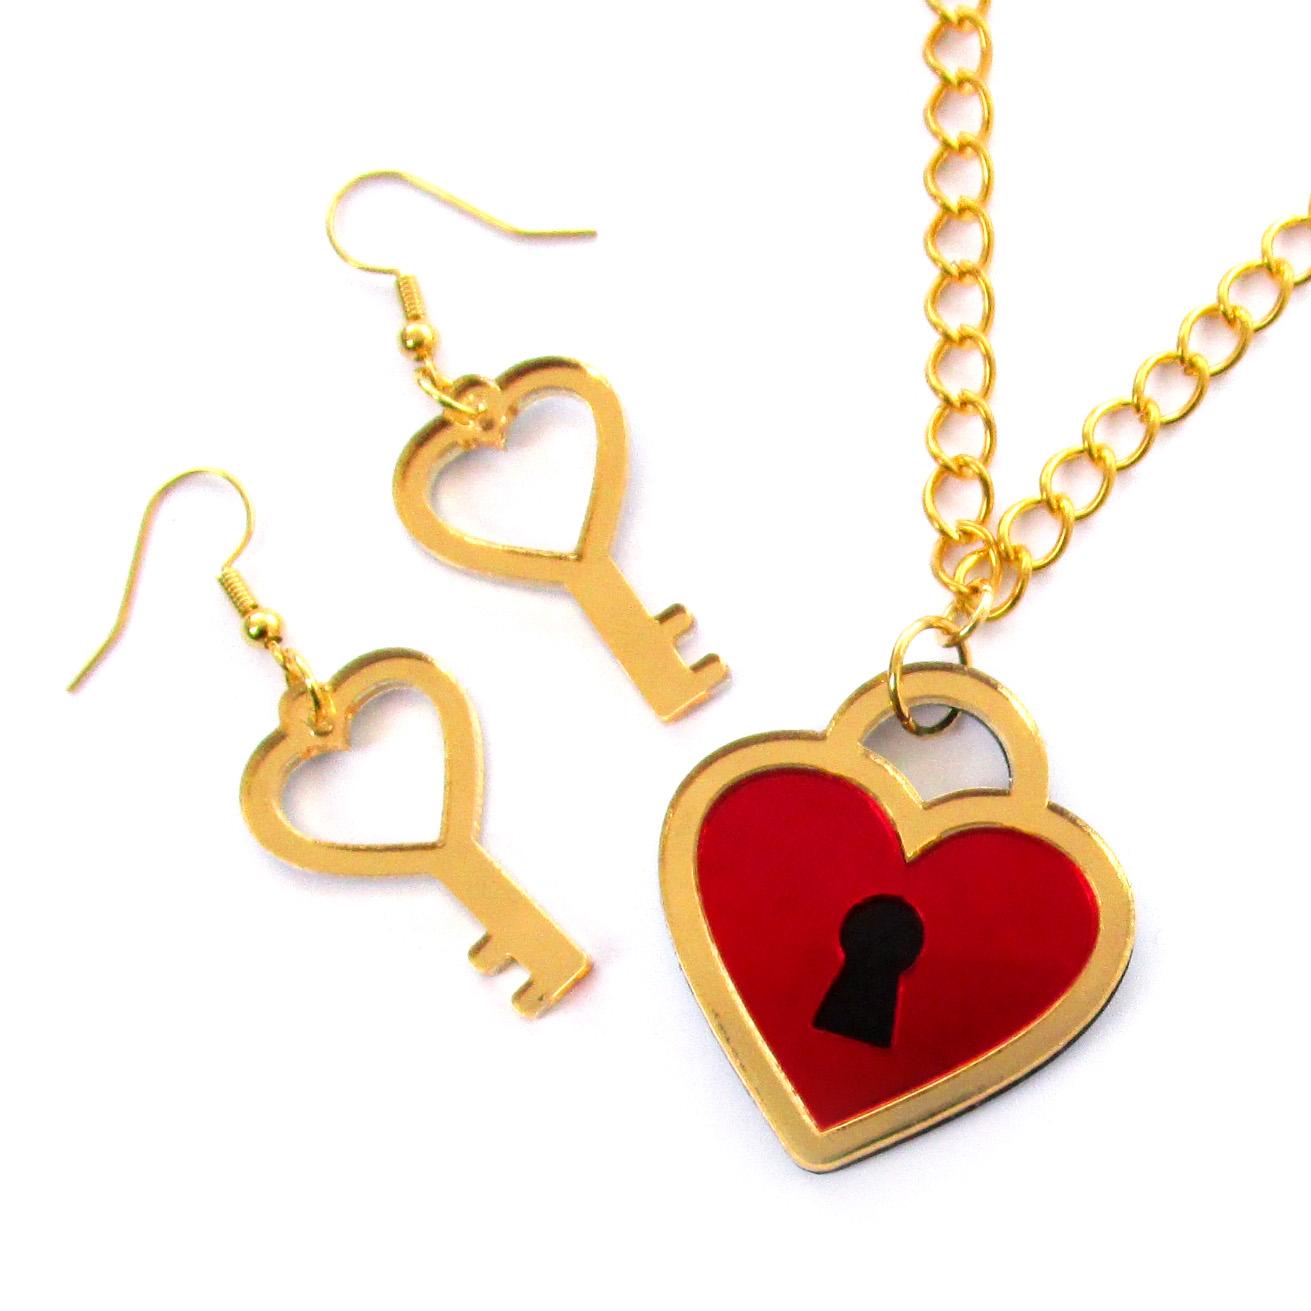 8baa835686 Gold Heart Lock Necklace and Heart Key Earrings Jewelry Set ⋆ It's ...